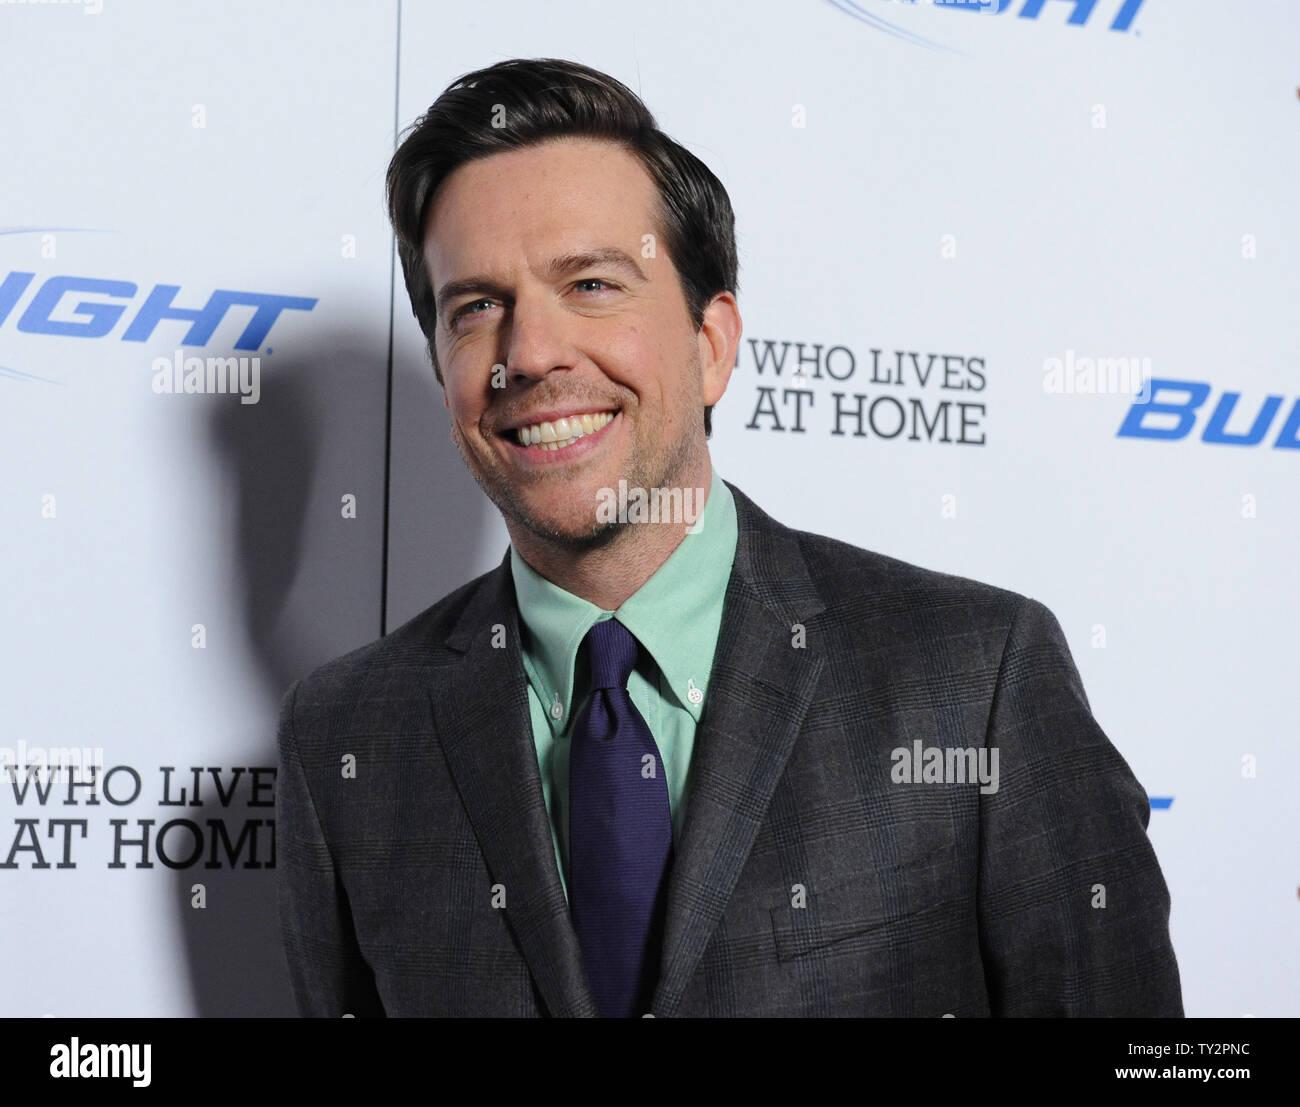 """Ed Helms, un miembro del reparto en la Motion Picture comedia 'Jeff, quien vive en casa"""", asiste al estreno de la película en el Directors Guild of America en Los Ángeles el 7 de marzo de 2012. UPI/jim Ruymen Imagen De Stock"""